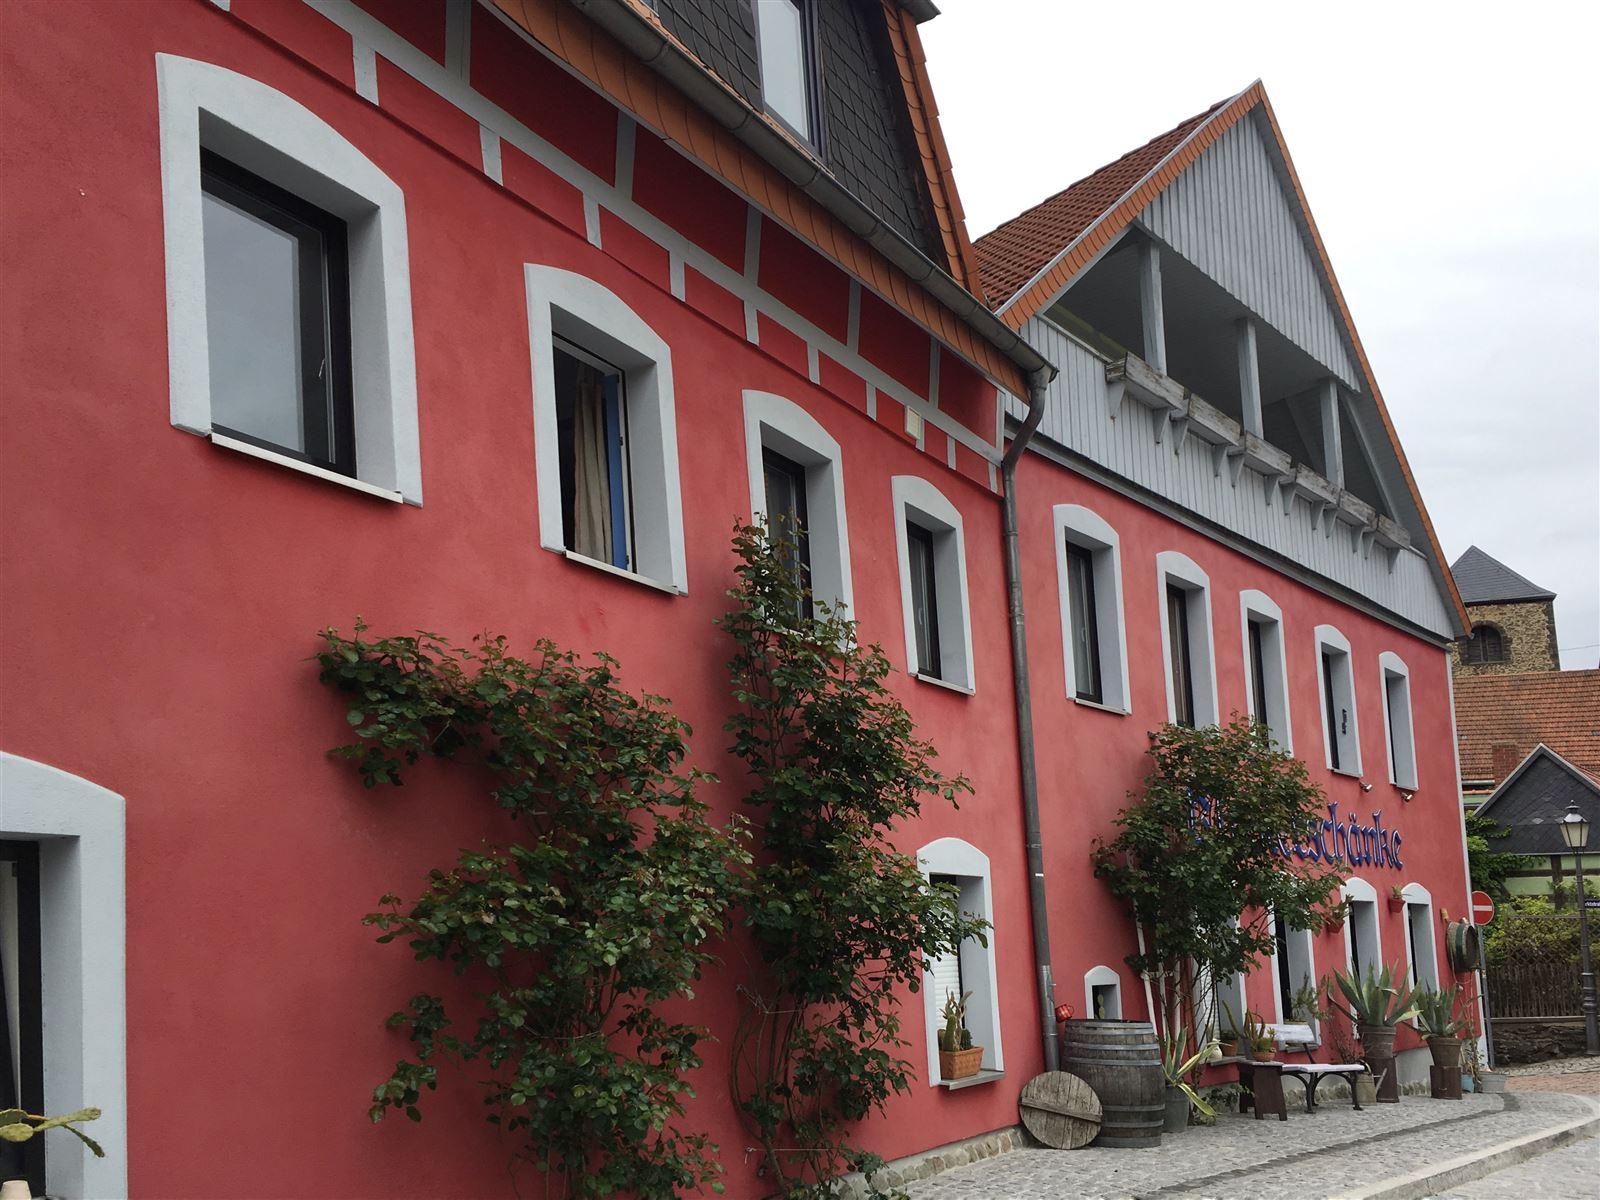 Stadtrundgang auf dem Kulturweg der Vögte durch Weida - Klosterschänke